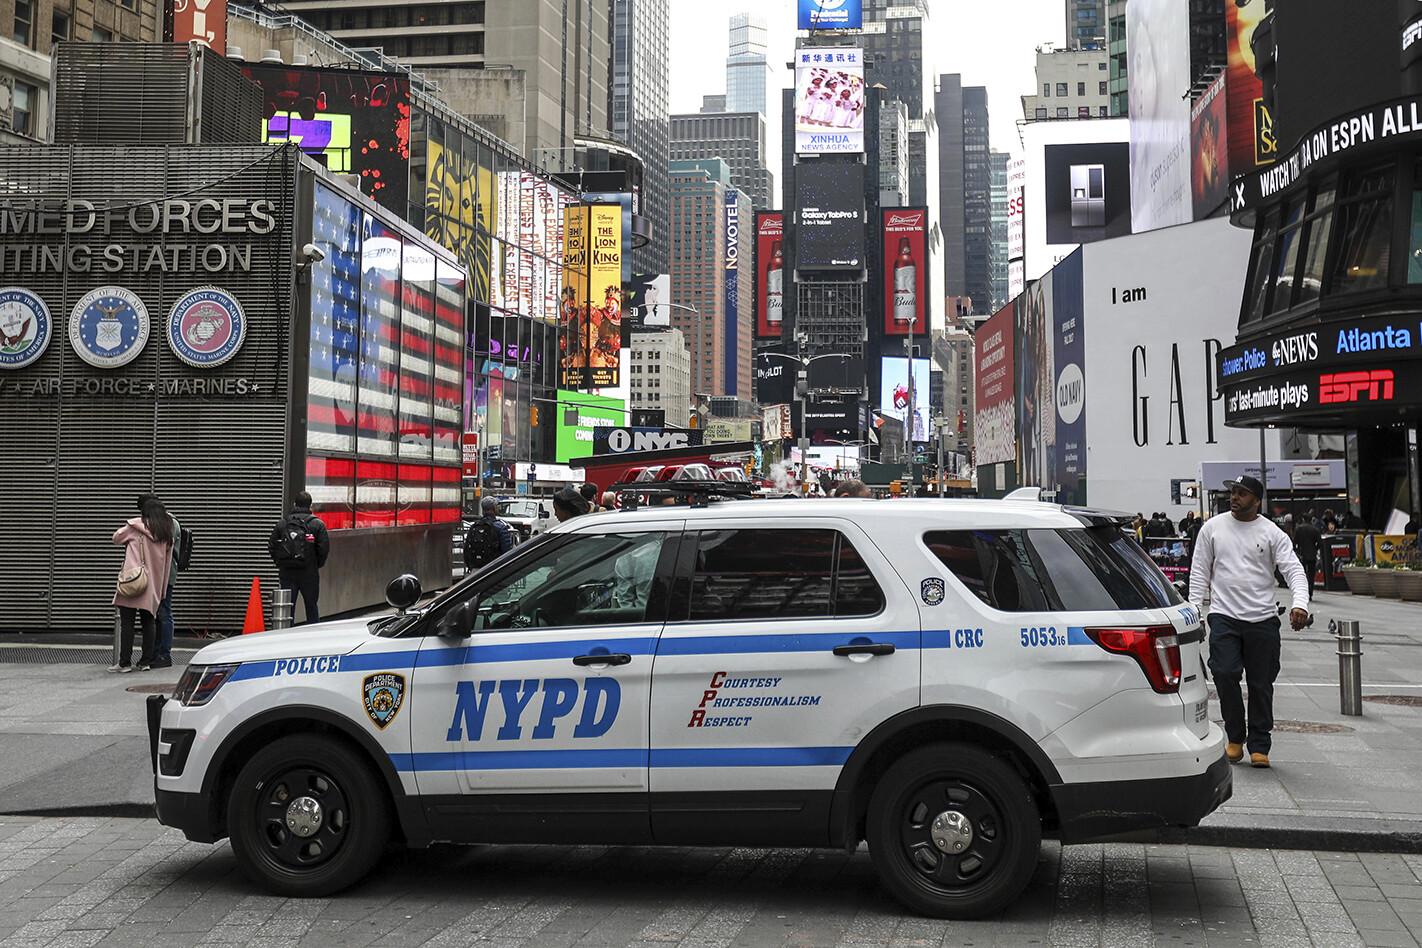 NYPD SUV